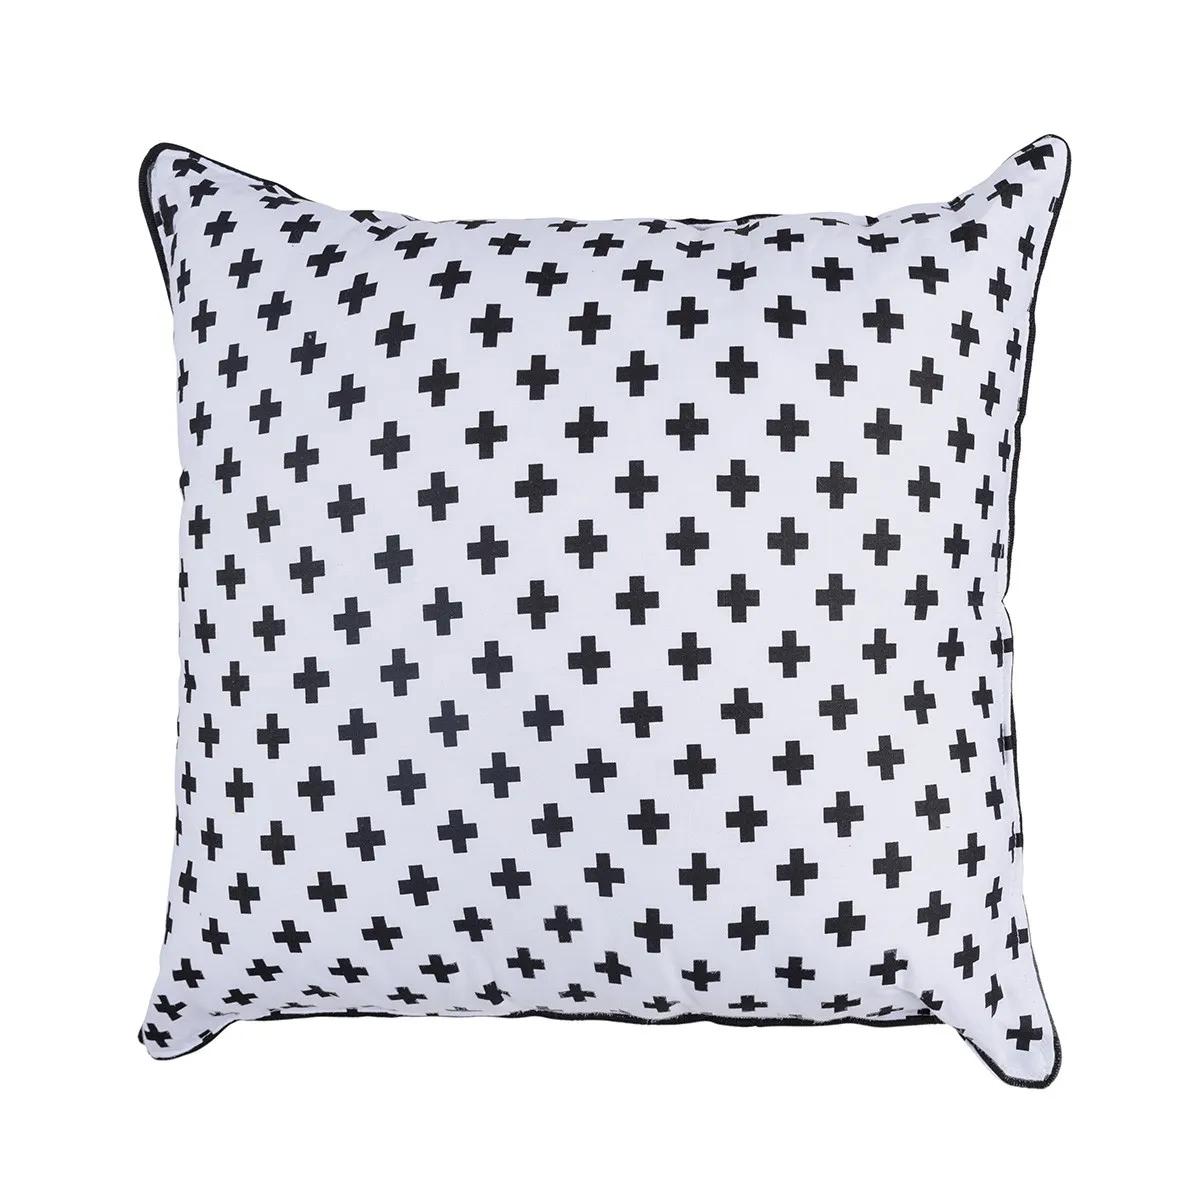 Almofada Infantil Cruz Preta 30 X 30 cm 100% algodão